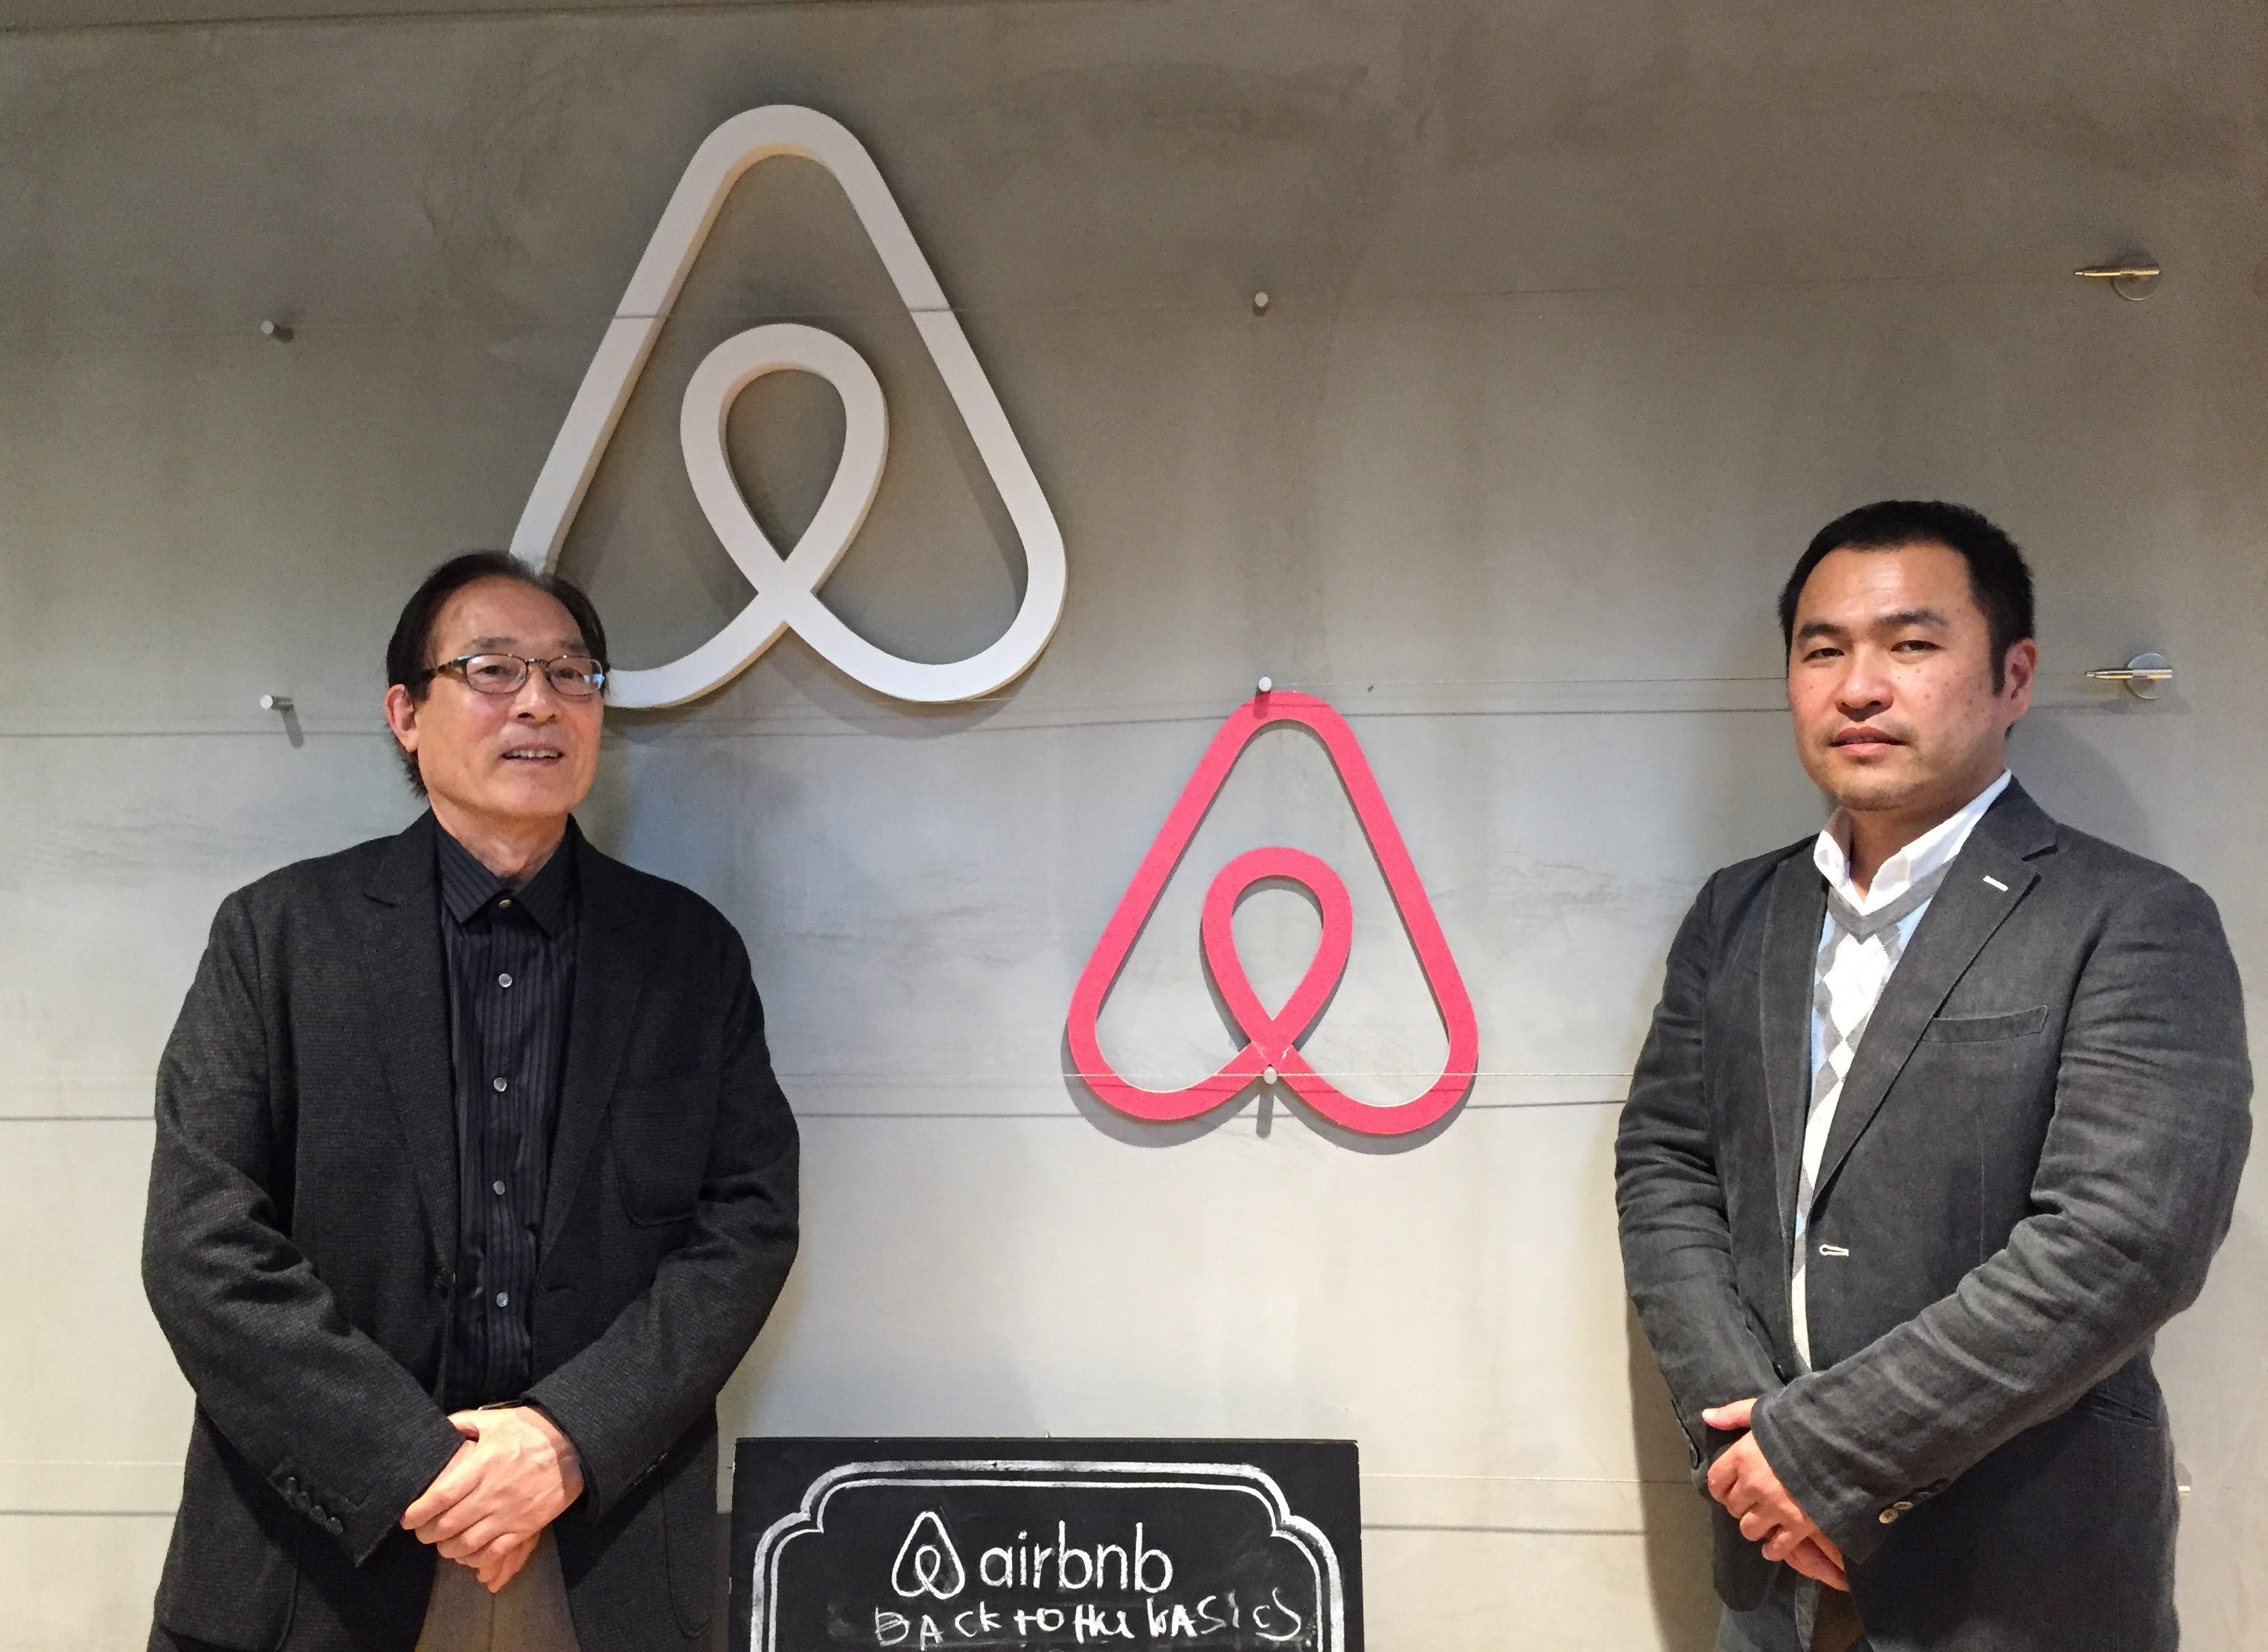 エアビーアンドビー・ジャパン代表取締役の田邊泰之氏とダイナ・サーチ代表の石塚しのぶ